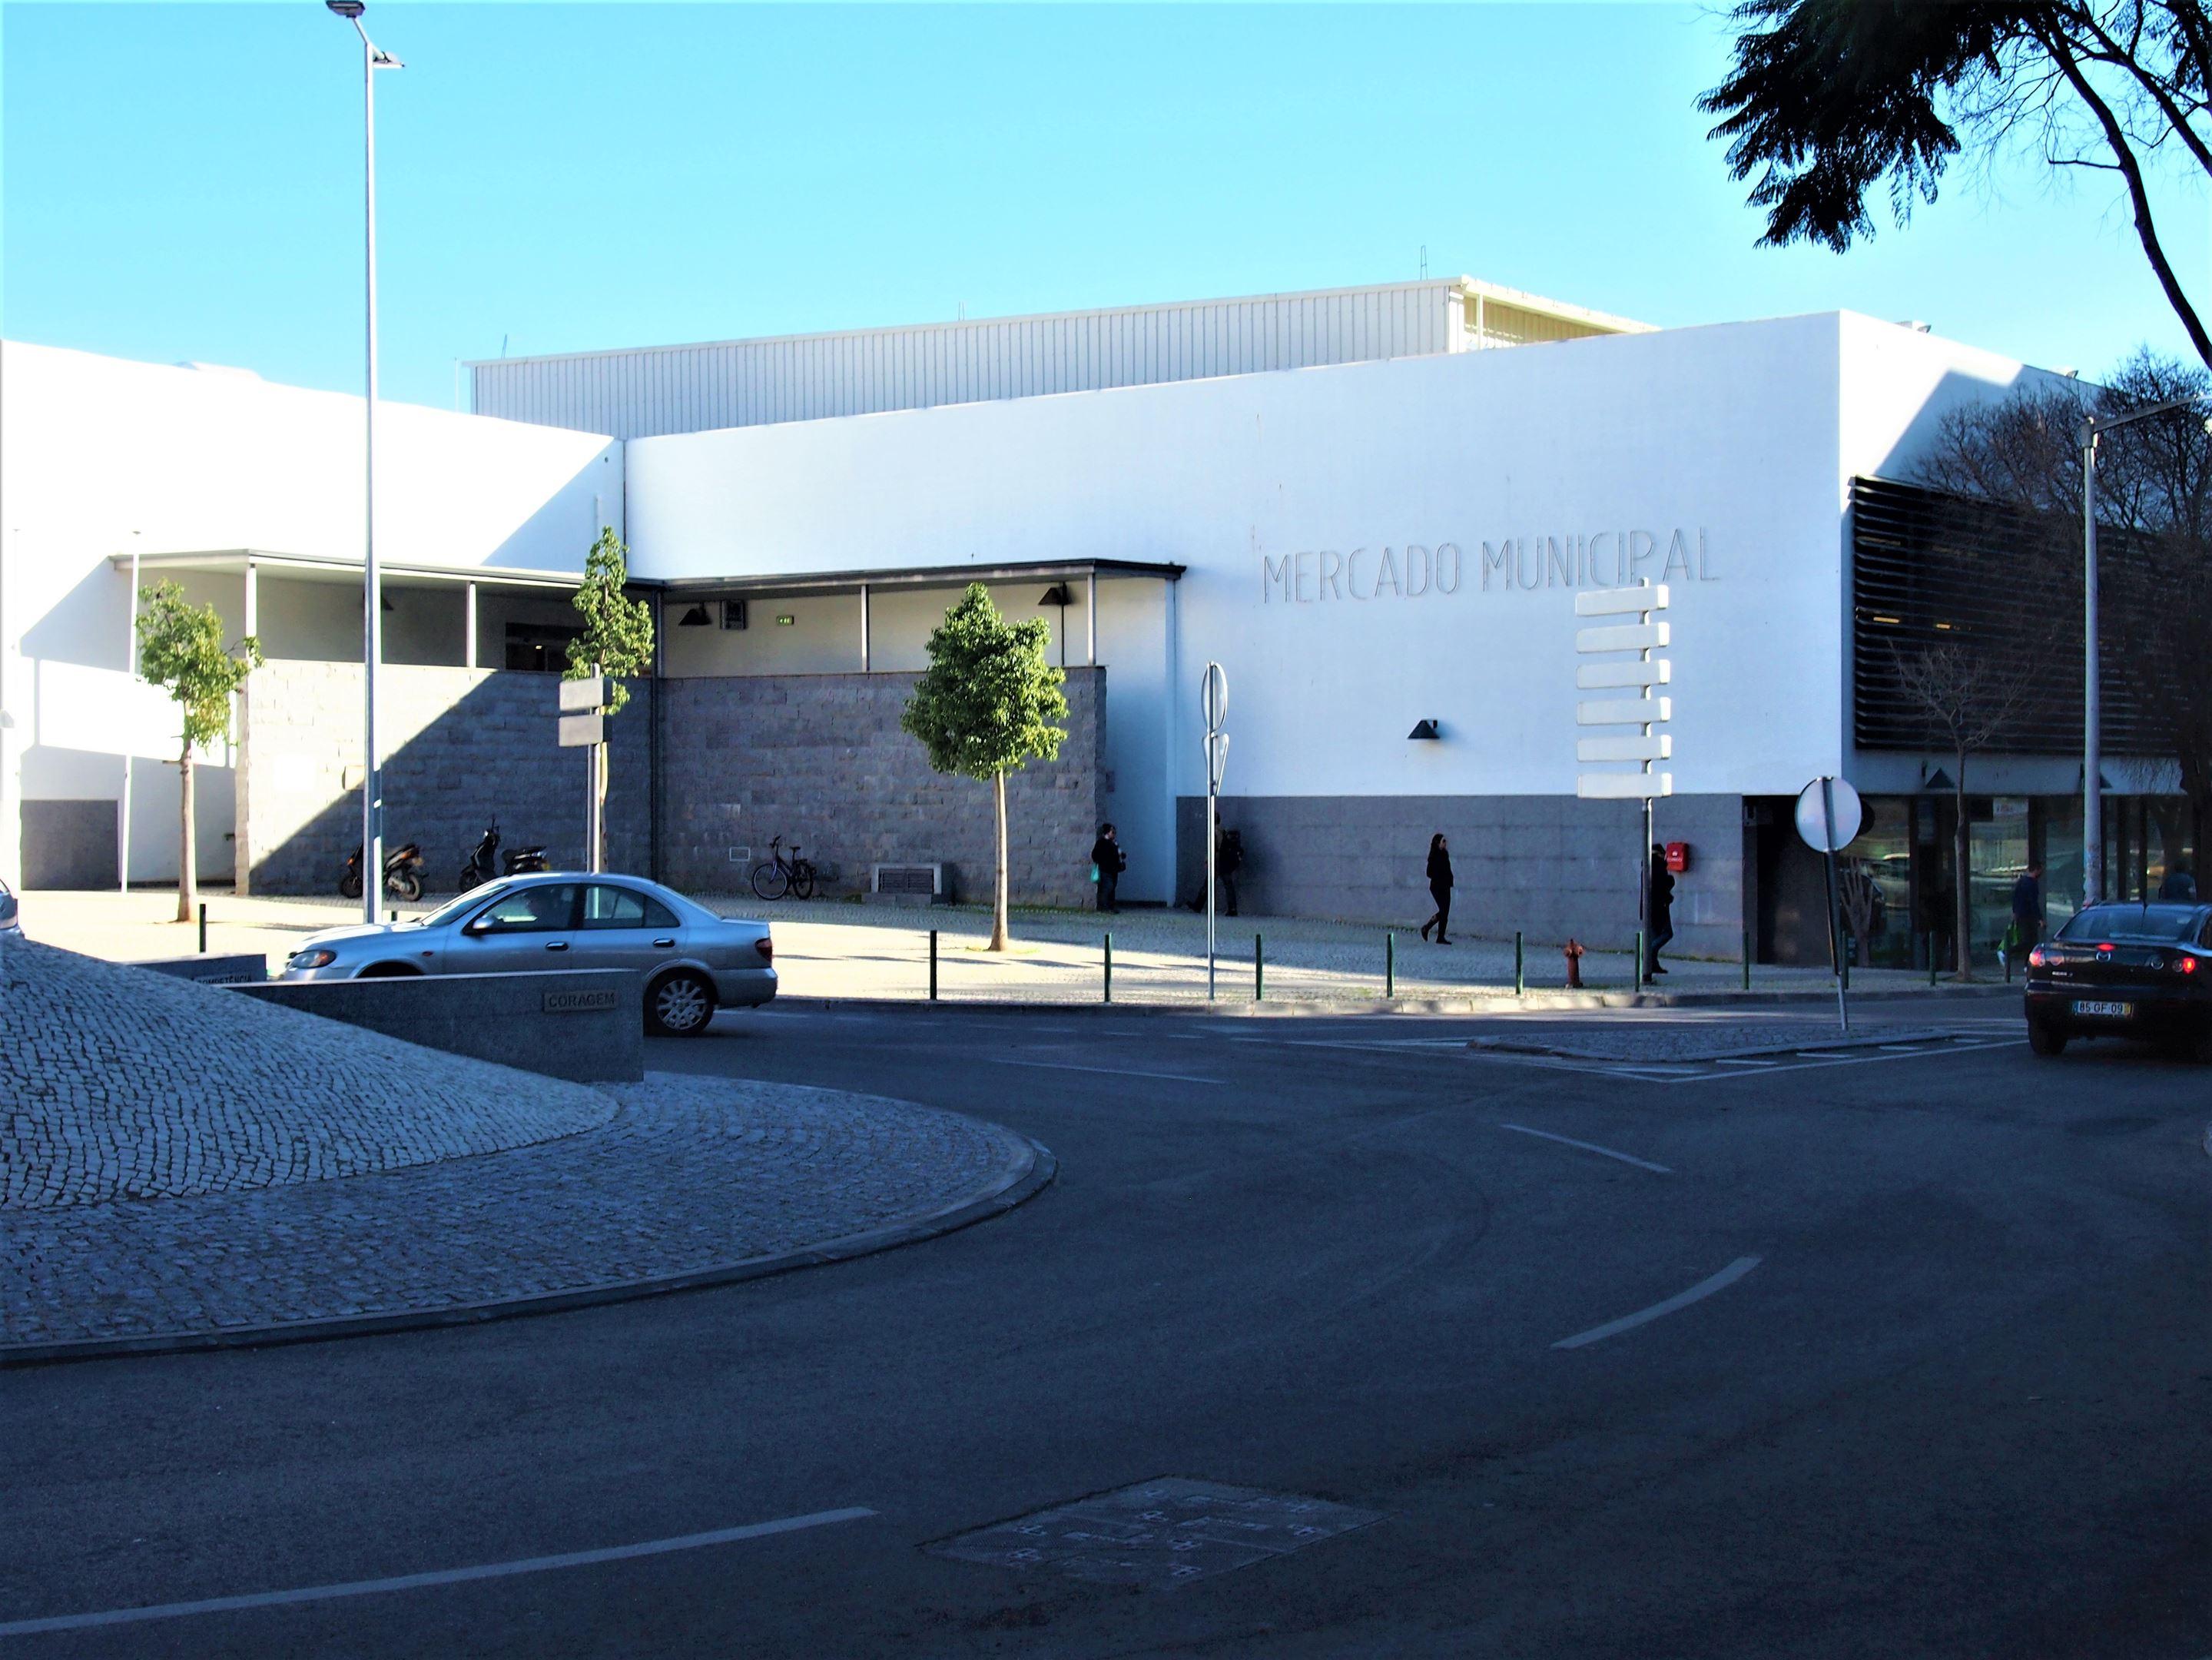 Mercado Municipal (Municipal Market), Portimão